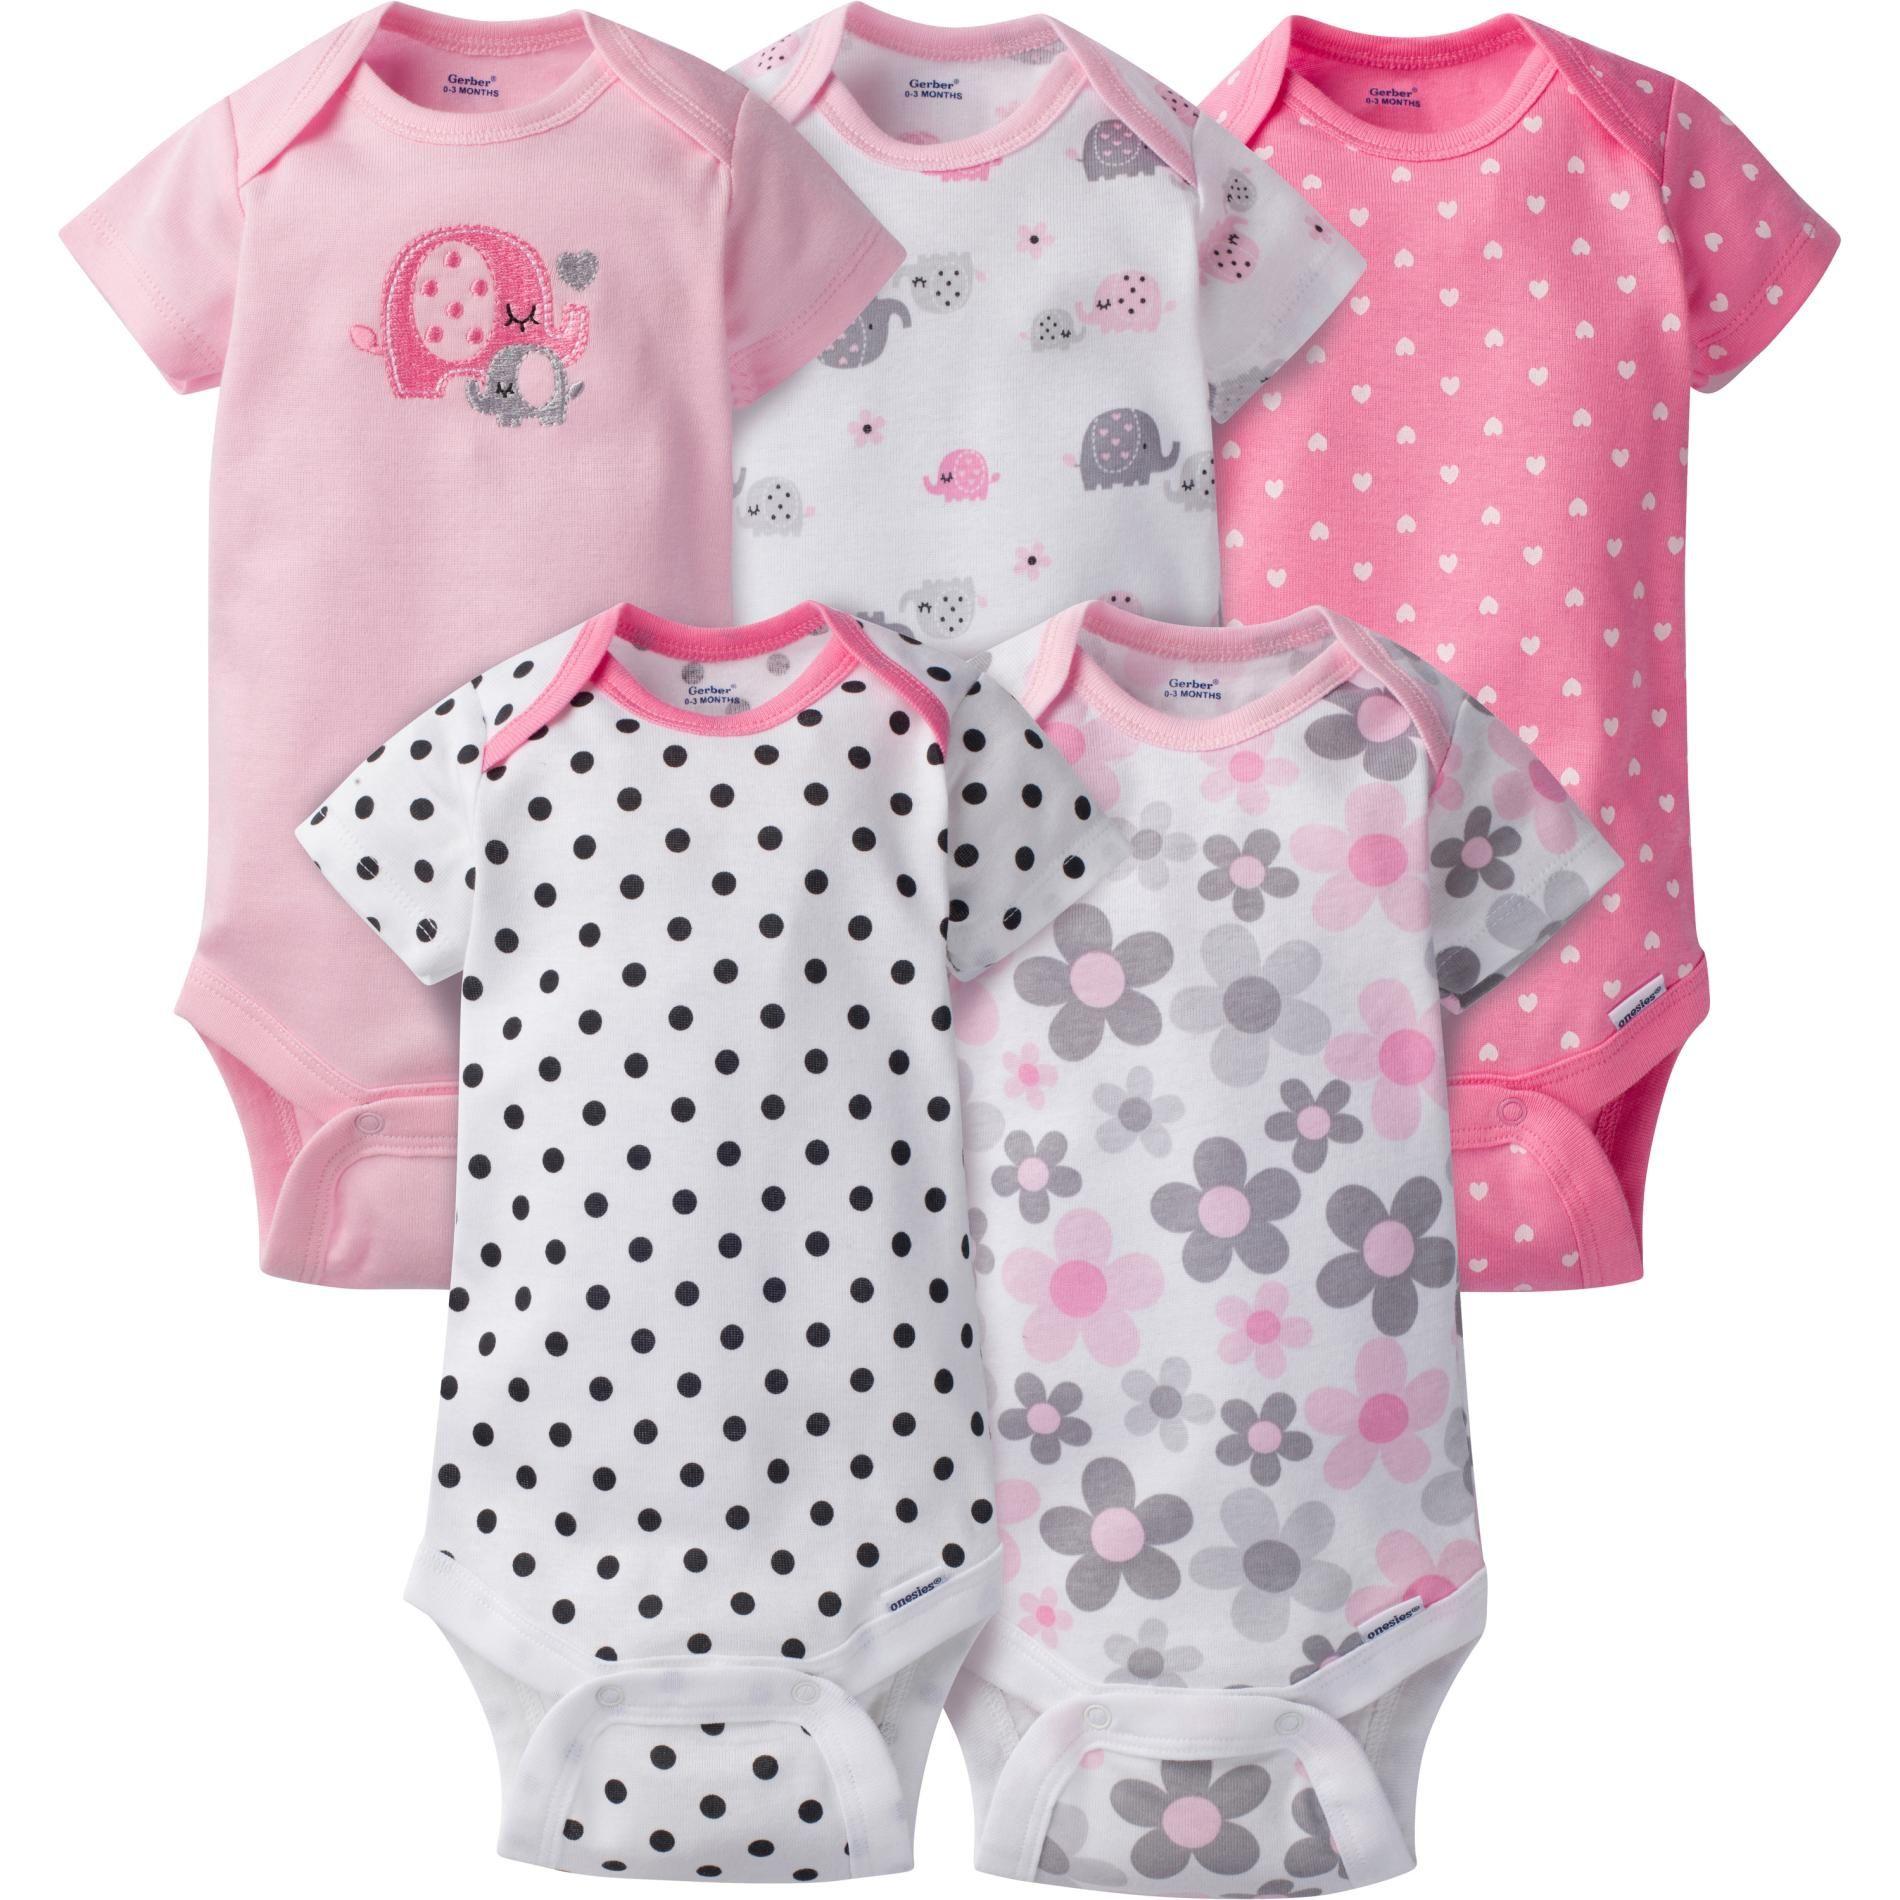 Gerber Newborn Girl s 5 Pack Bodysuits Elephants Size 6 9 Months